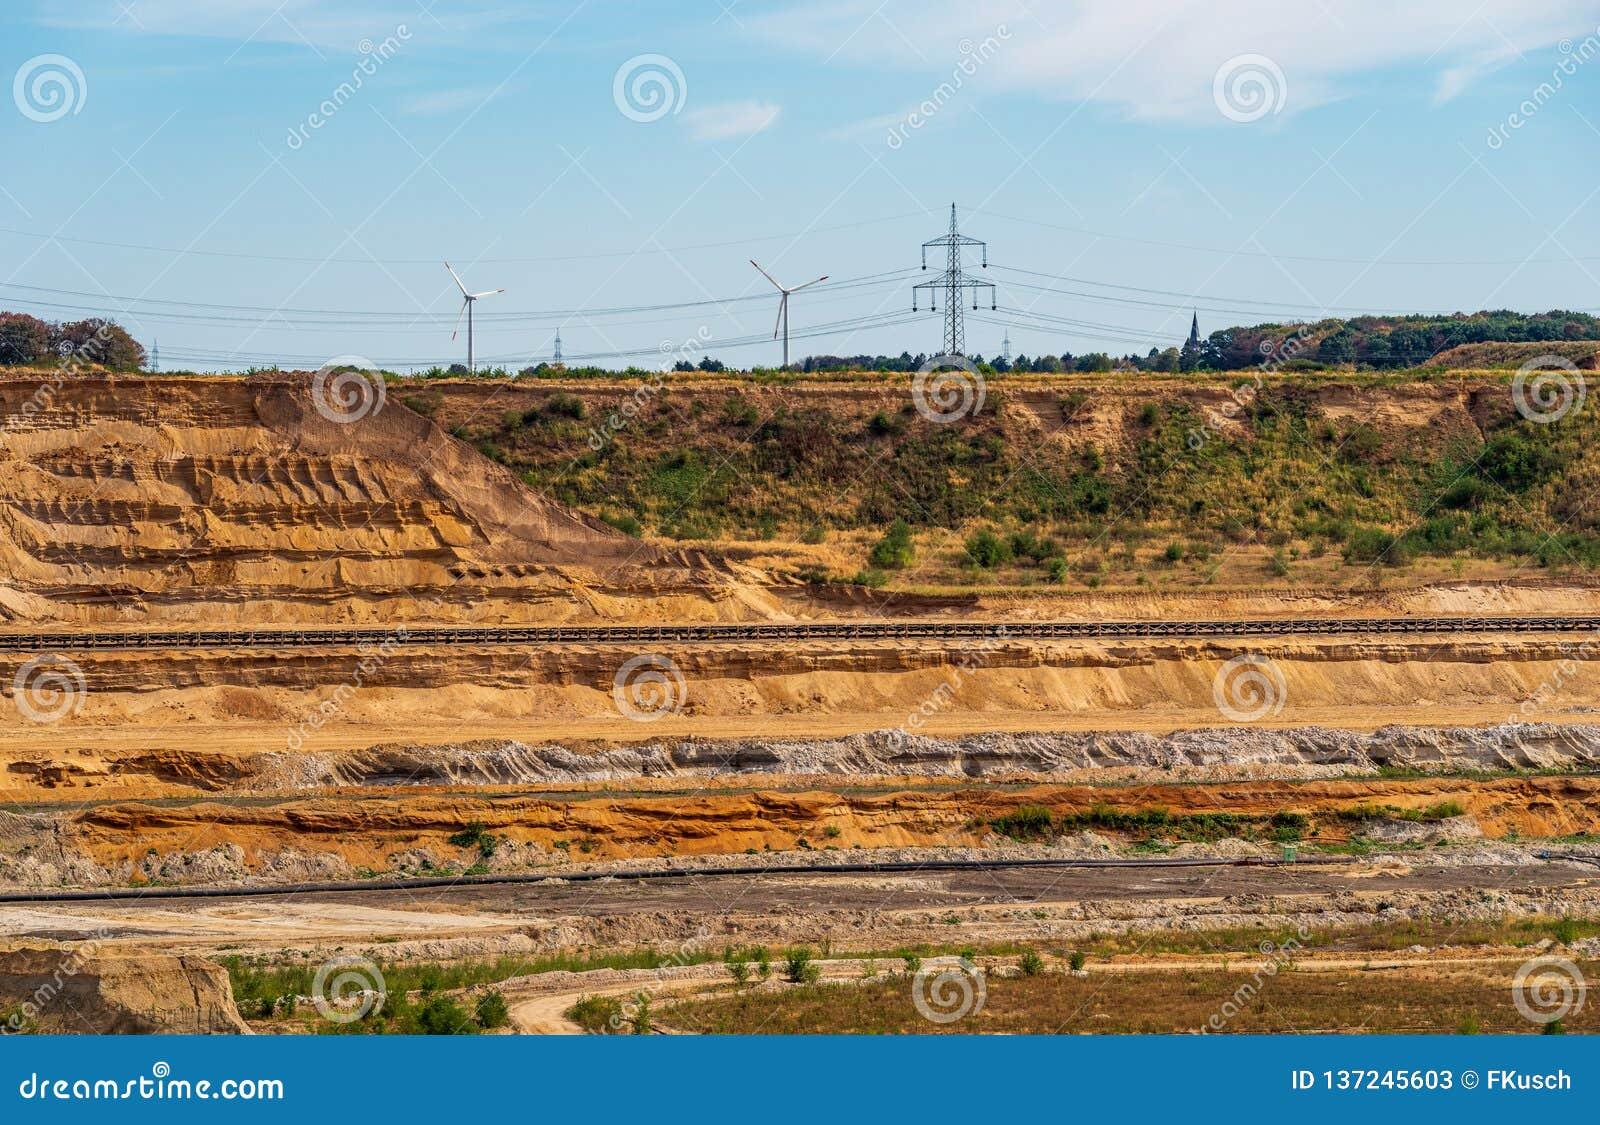 A vista à borda de uma área de mineração com correias transportadoras, energias eólicas do lignite roda no fundo